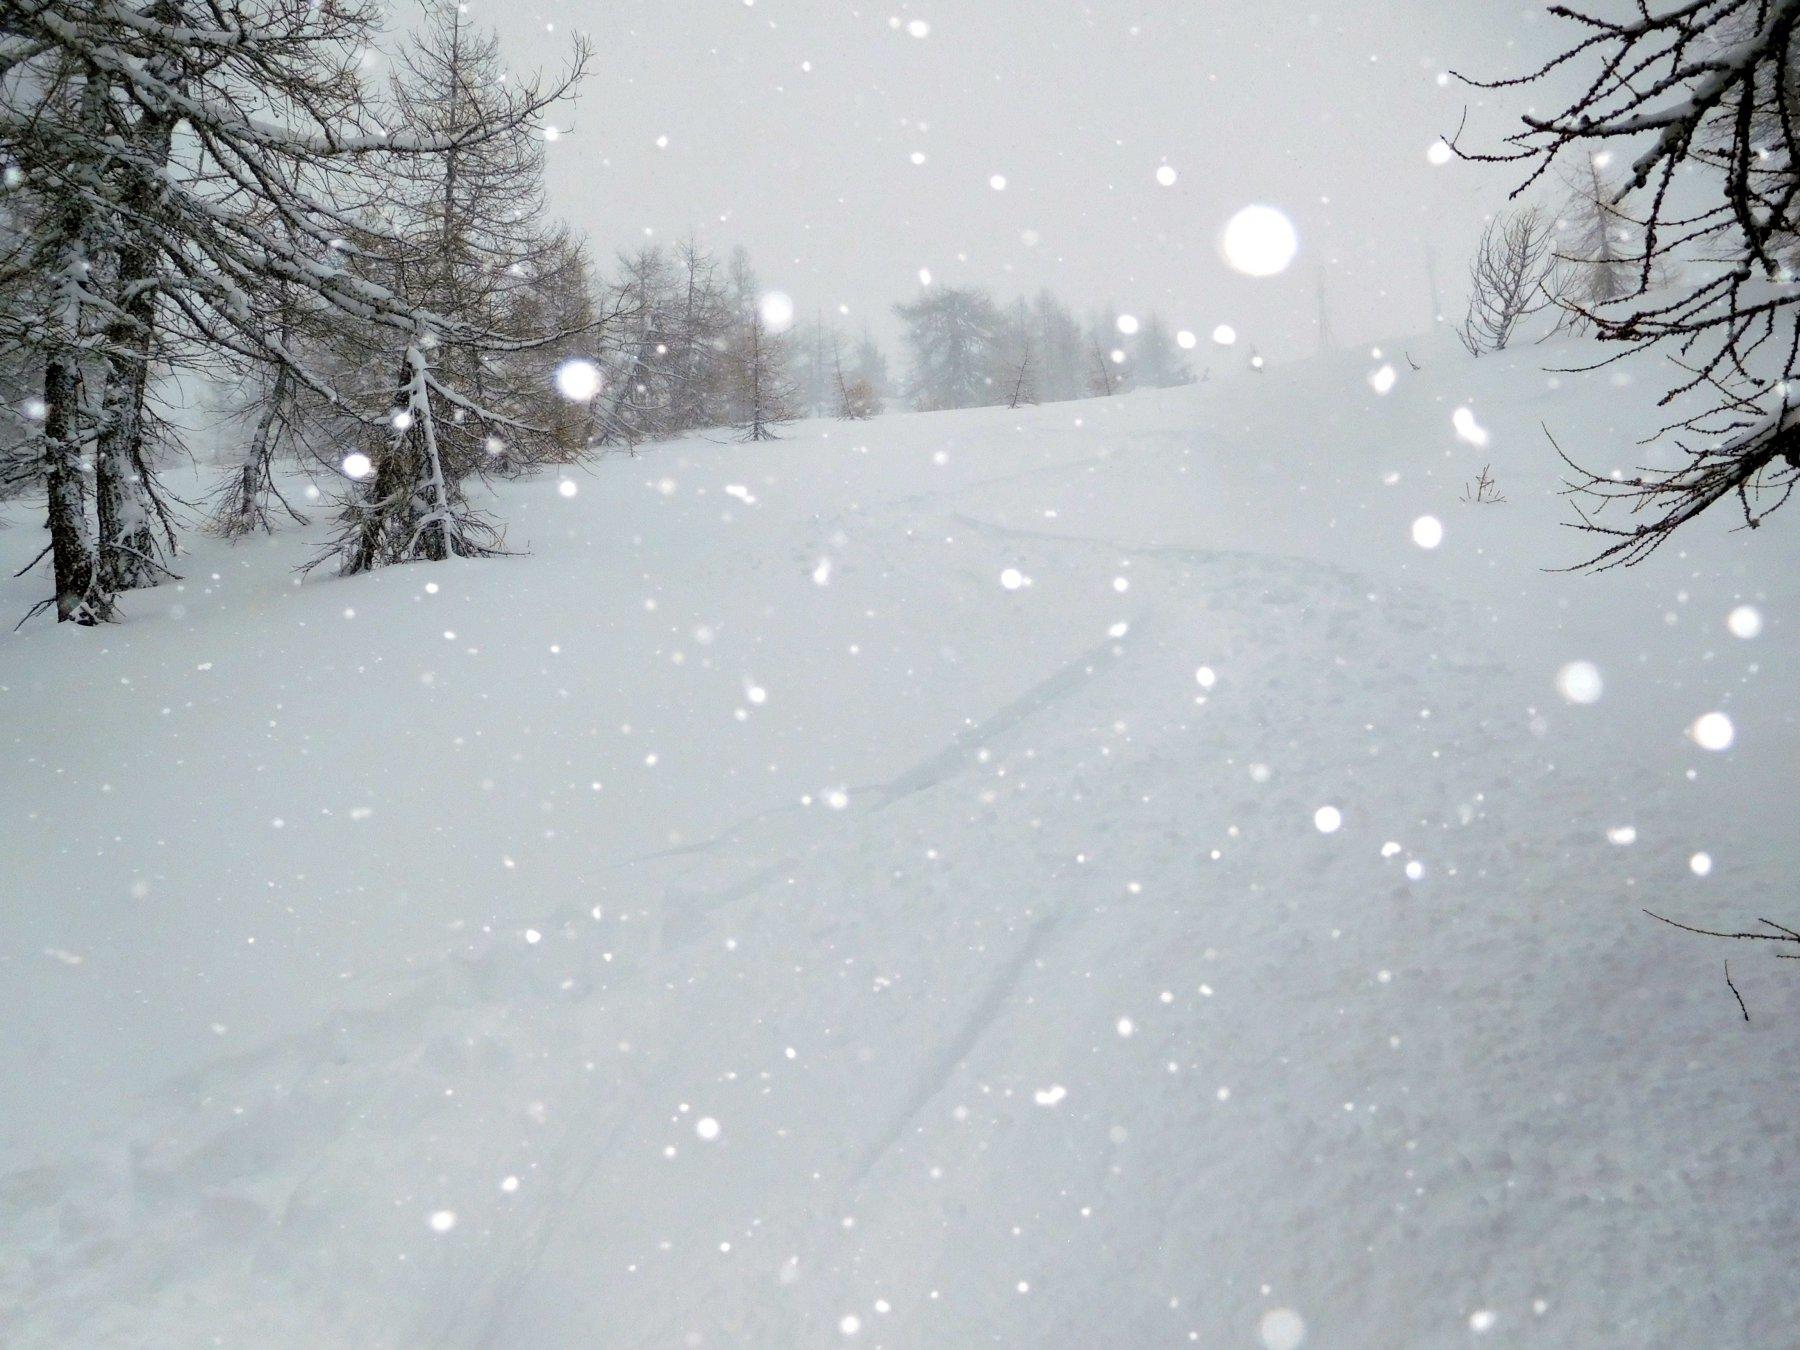 seconda discesa sotto un'intensa nevicata